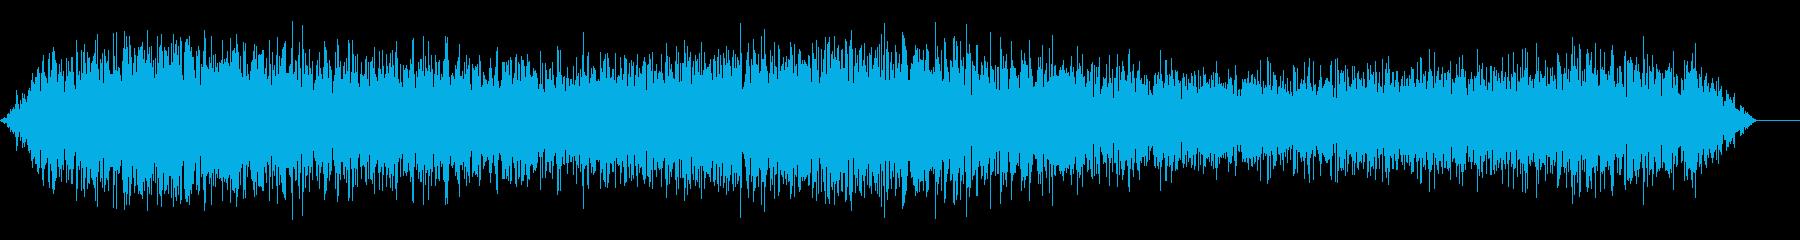 吹雪く 風の 音の再生済みの波形